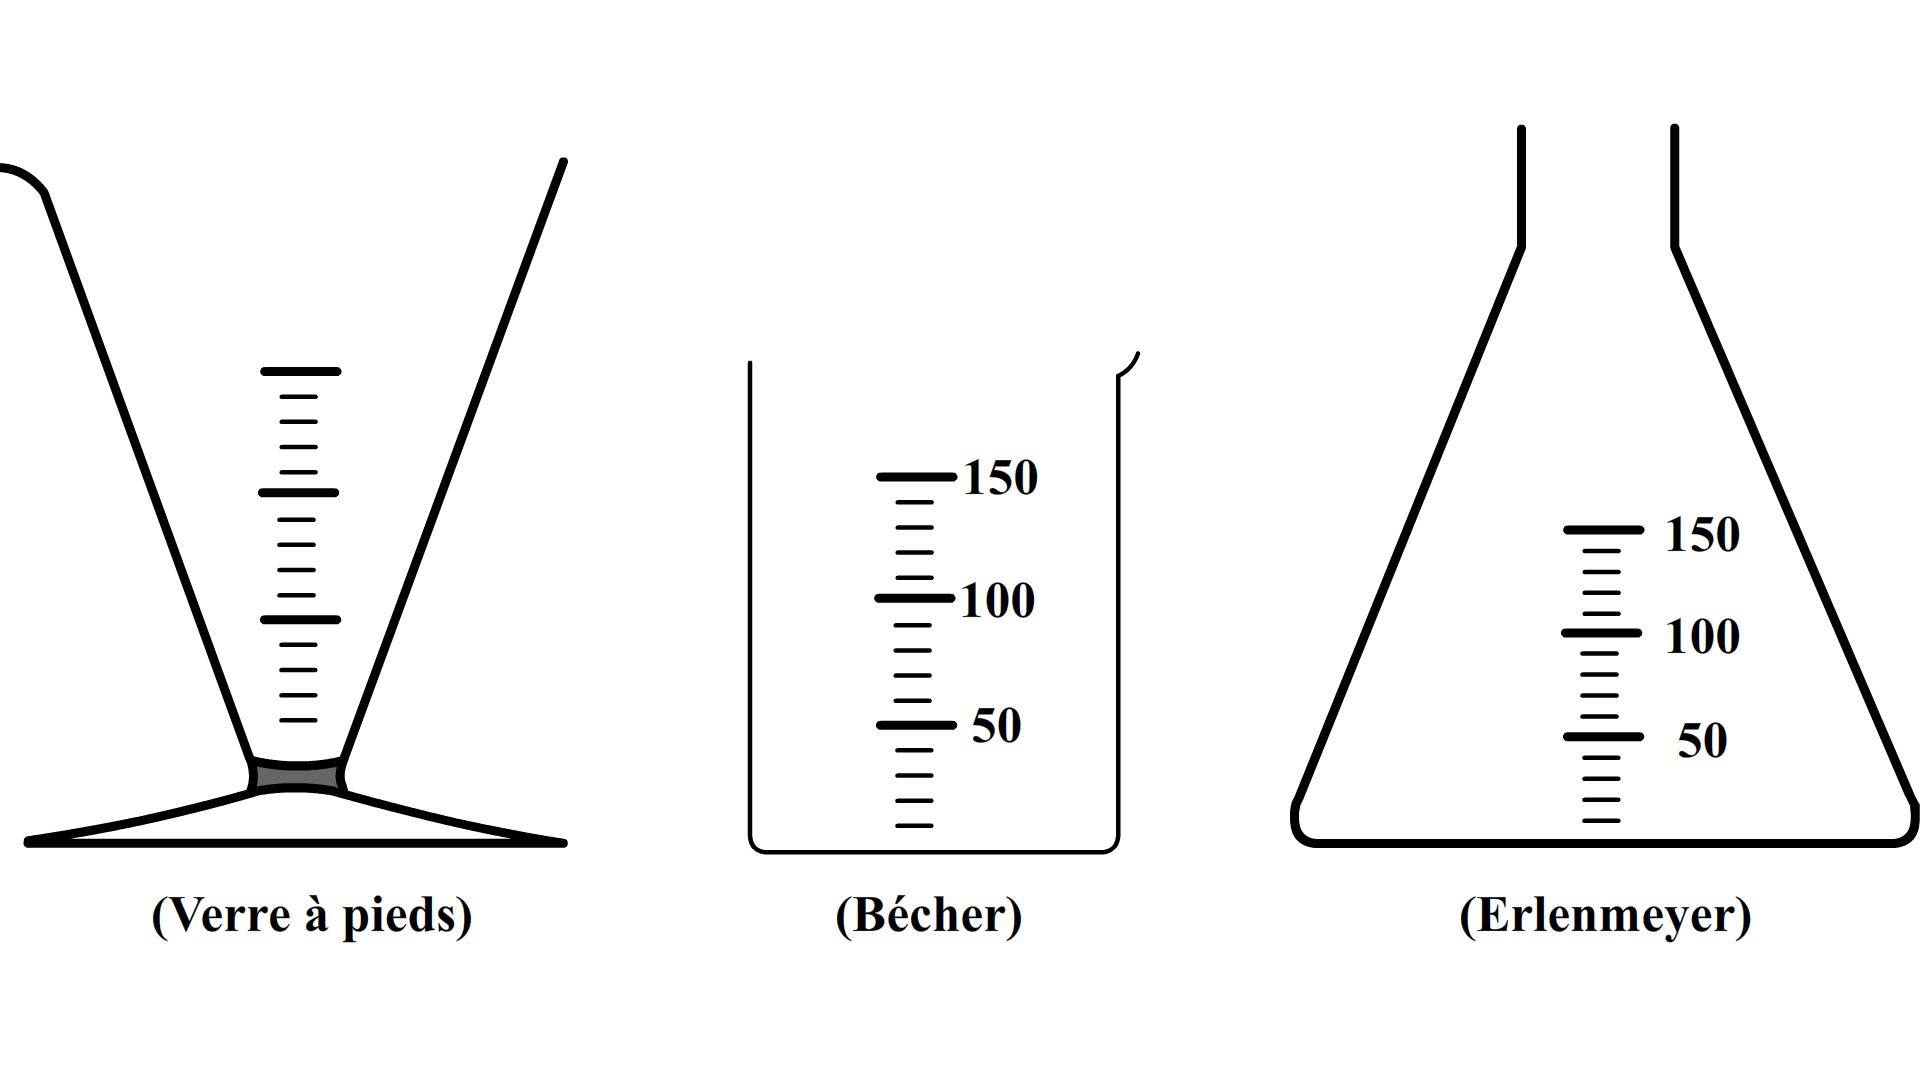 Comment mesurer un volume d 39 eau avec une prouvette gradu e - Methode simple pour mesurer terre ...